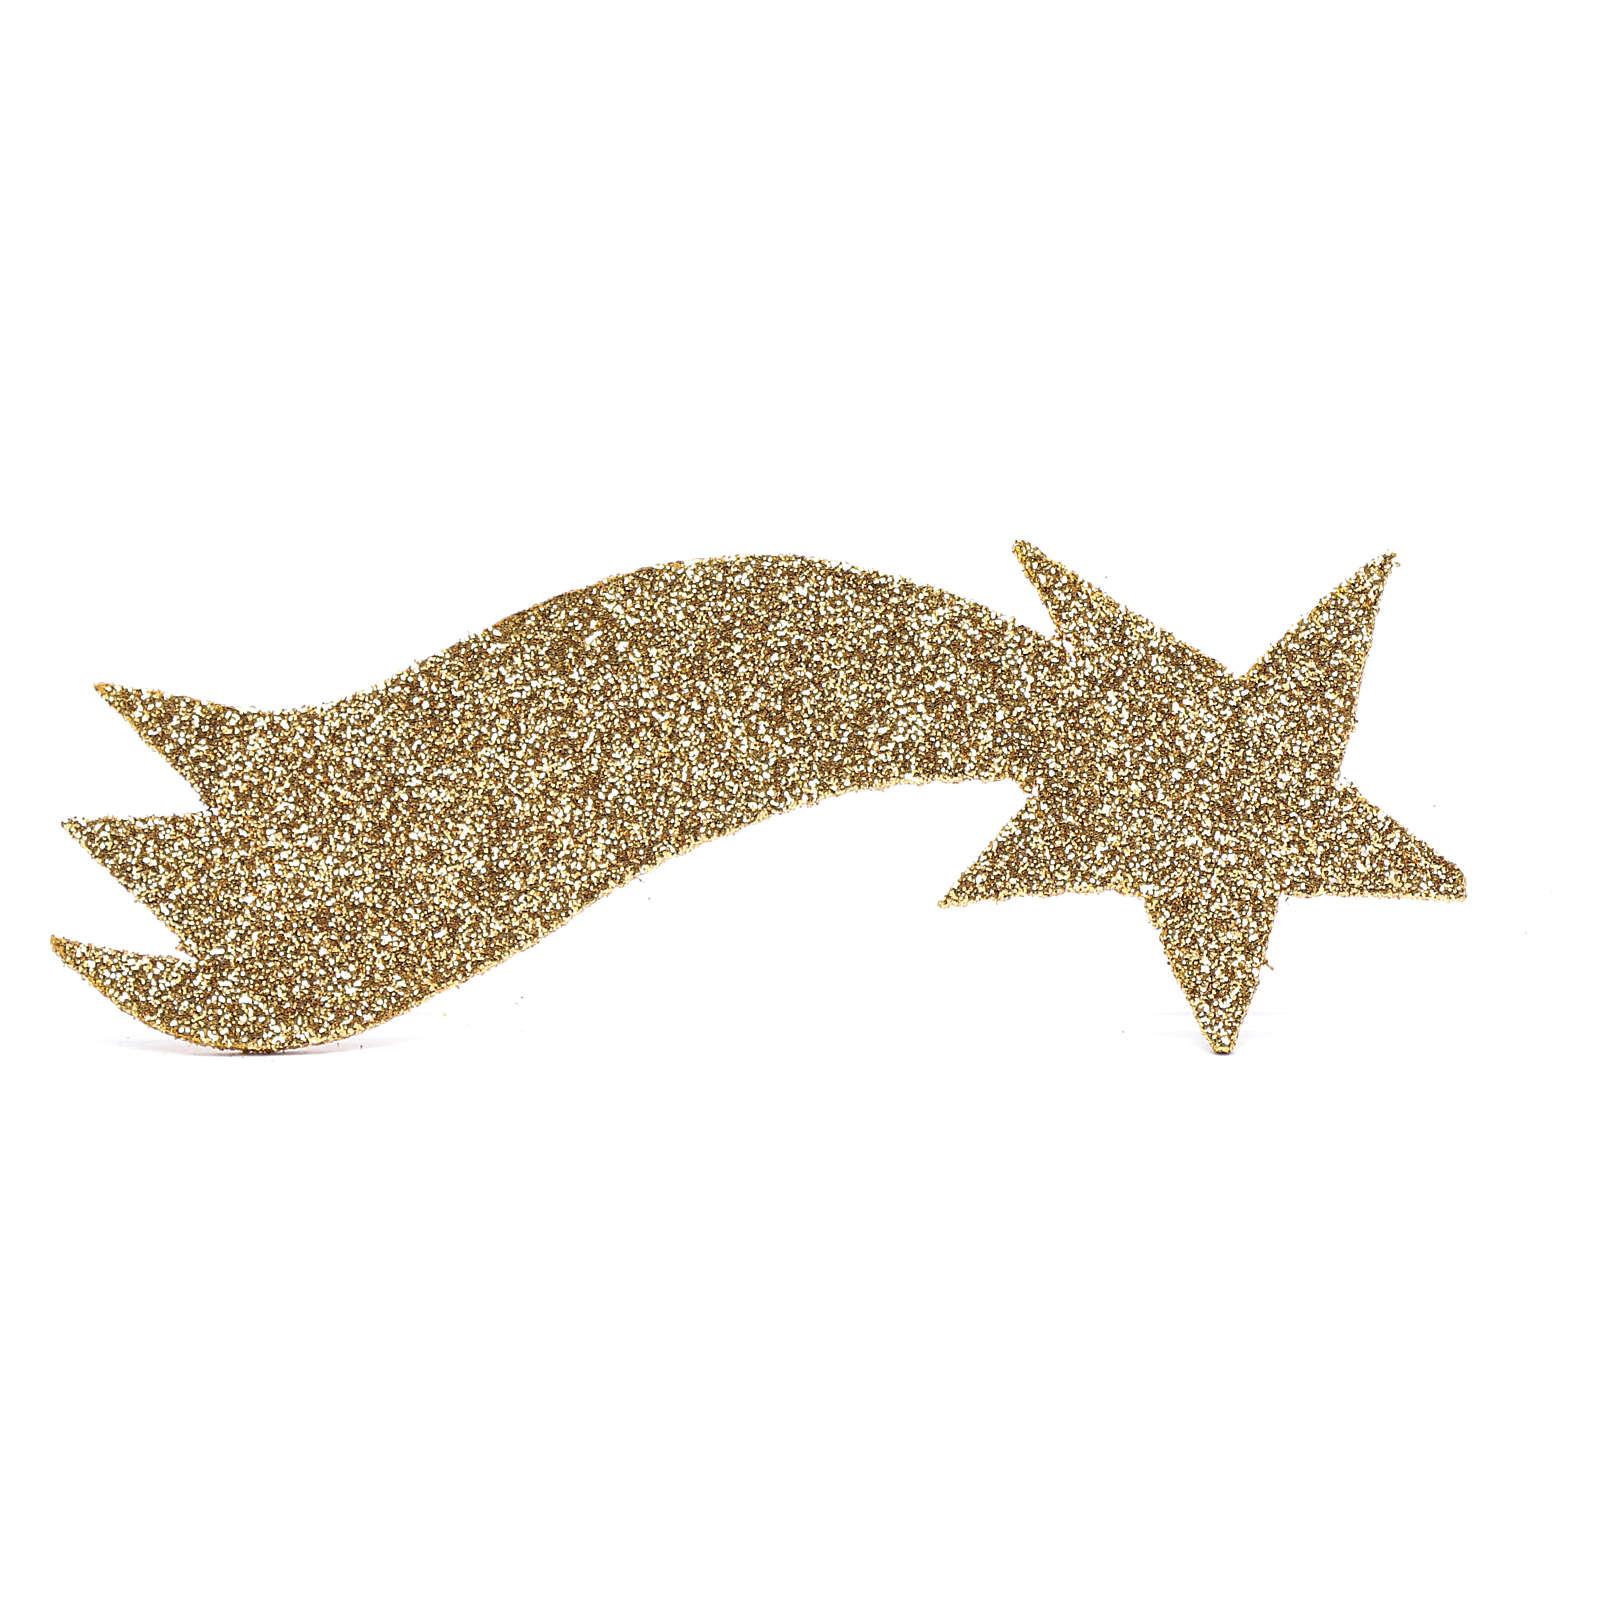 Nativity scene star comet in gold and glitter 5x20 cm 4